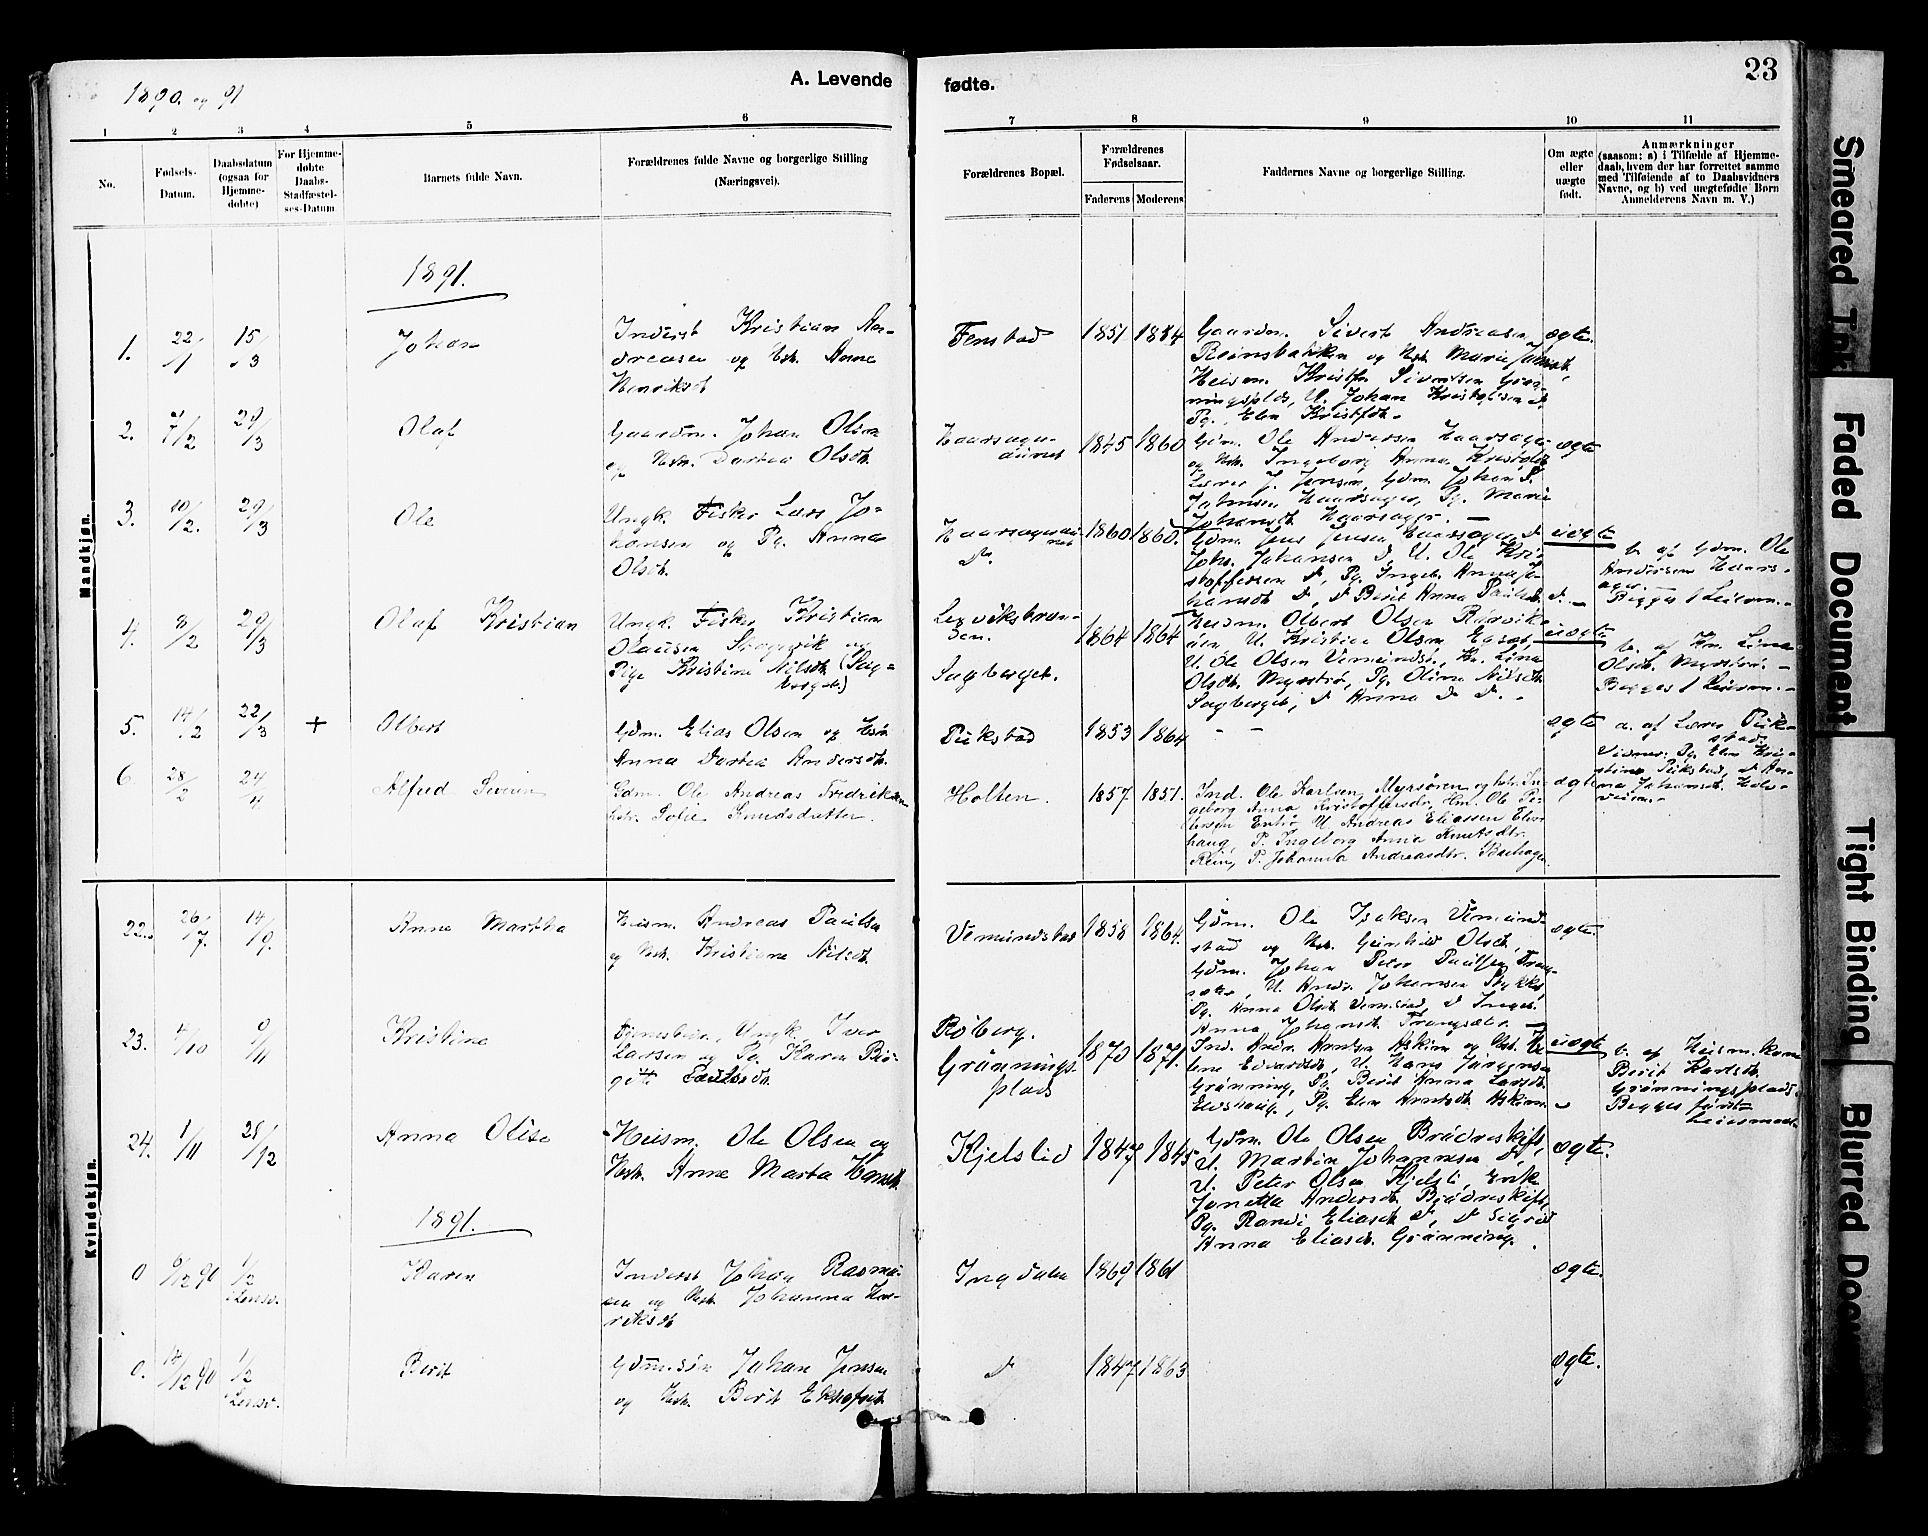 SAT, Ministerialprotokoller, klokkerbøker og fødselsregistre - Sør-Trøndelag, 646/L0615: Ministerialbok nr. 646A13, 1885-1900, s. 23